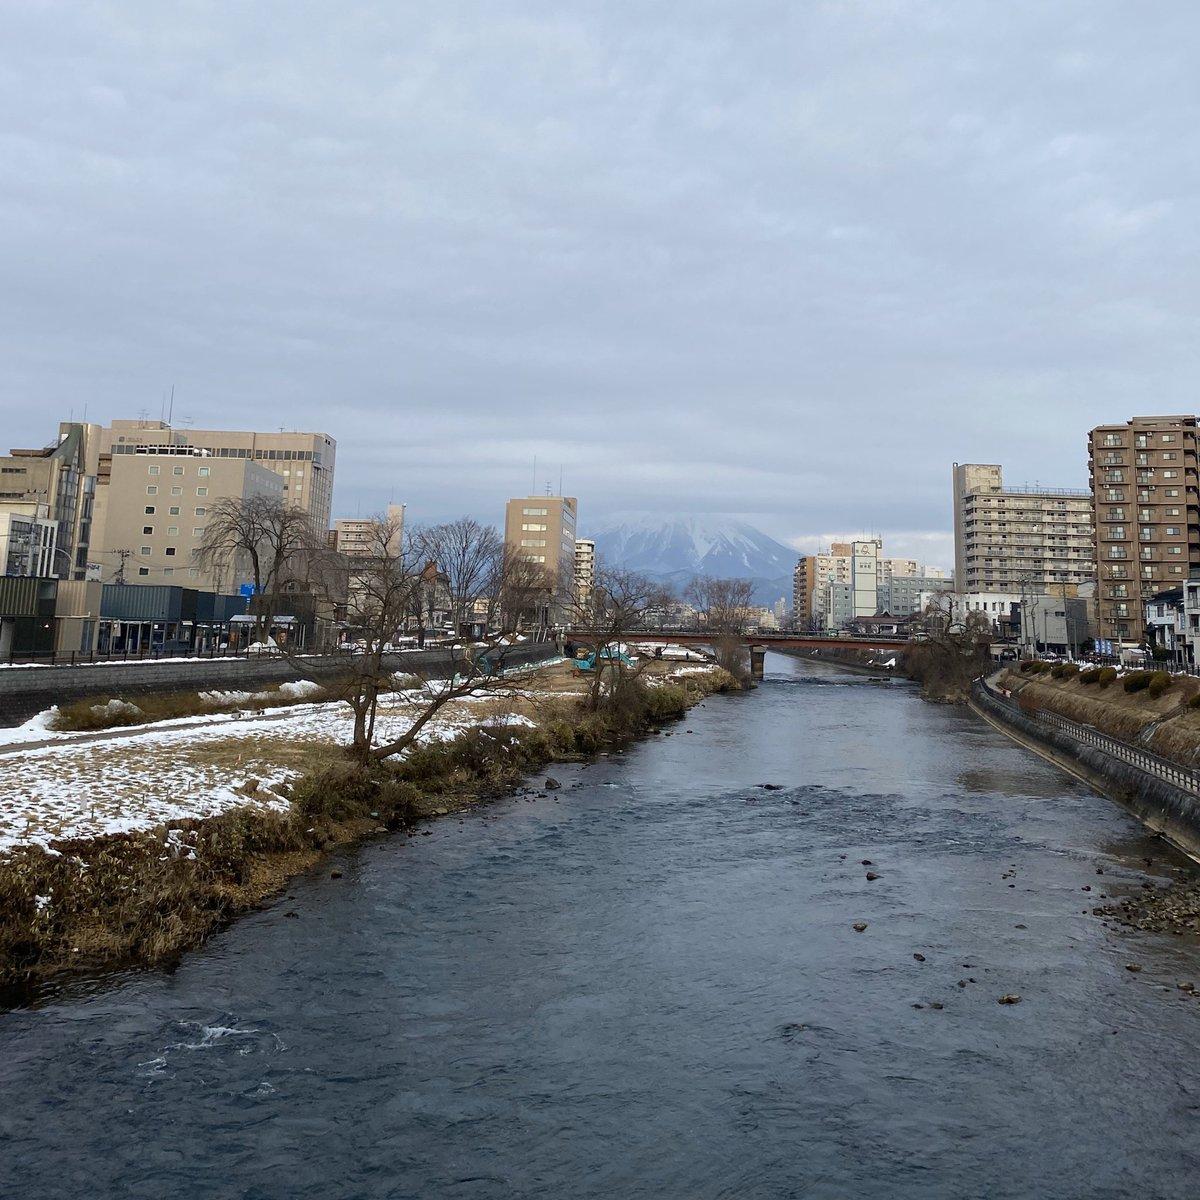 2020/01/14 盛岡市の開運橋から撮影。みなさま、体調管理に気をつけてお過ごしください。 #岩手 #盛岡 #北上川 #岩手山 #岩手においでよ